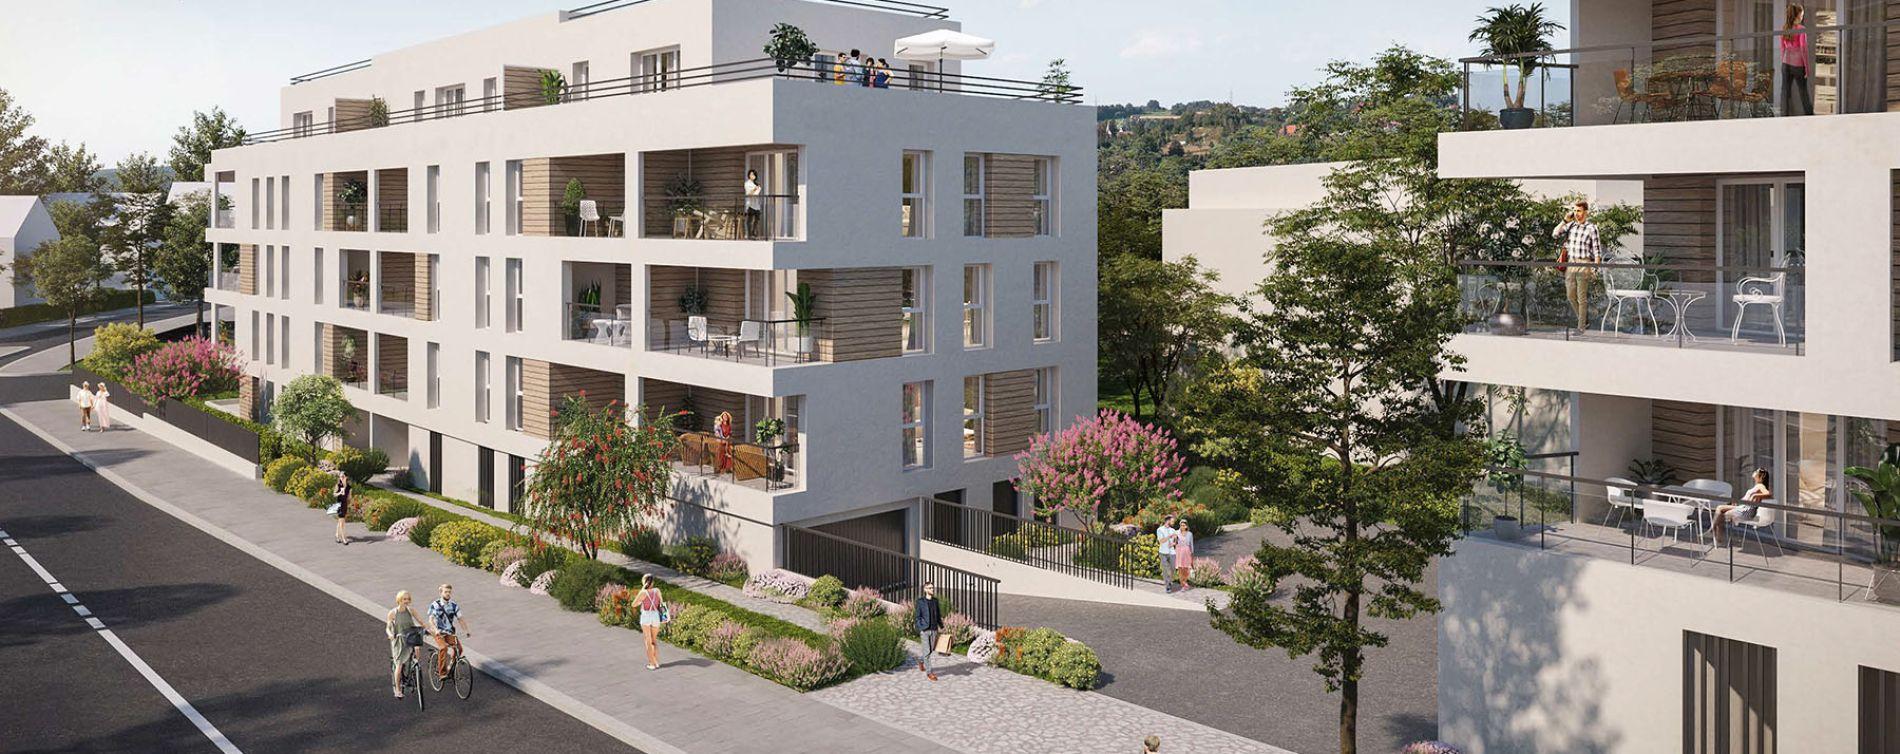 Annemasse : programme immobilier neuve « Opaline » en Loi Pinel